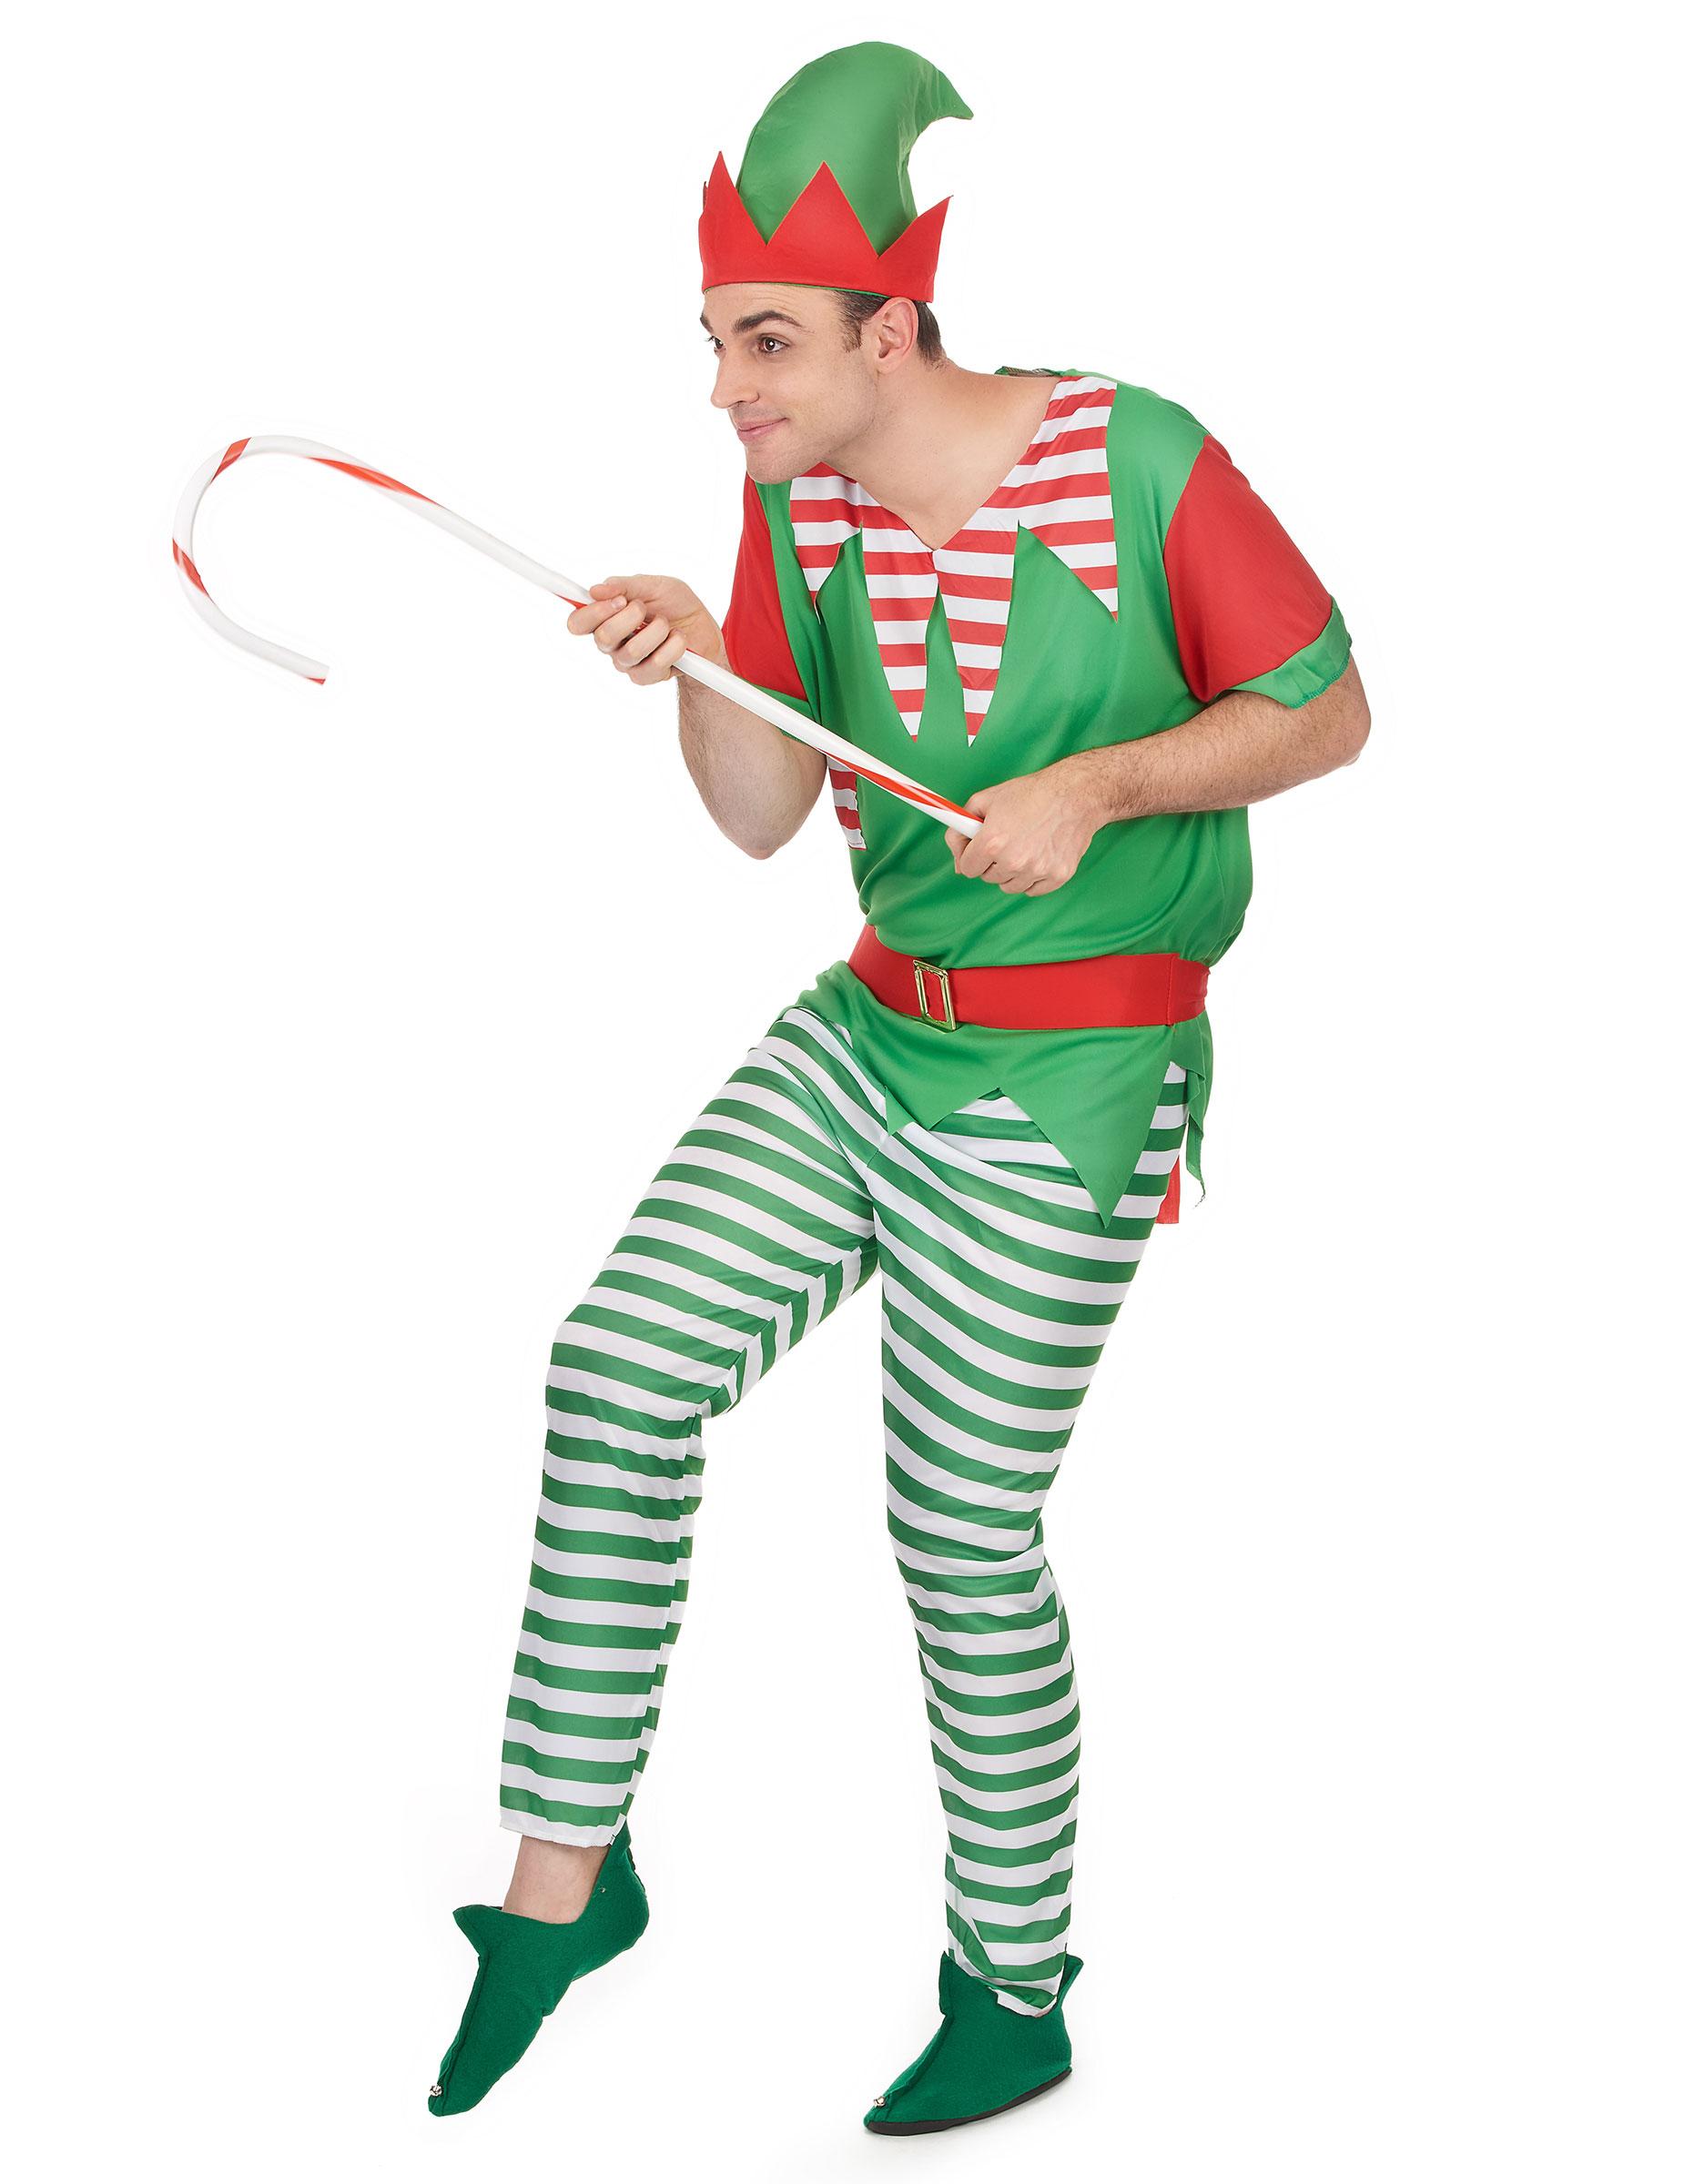 Travestimento coppia folletti Natale adulti  Costumi coppia 2ee8e5e21a65